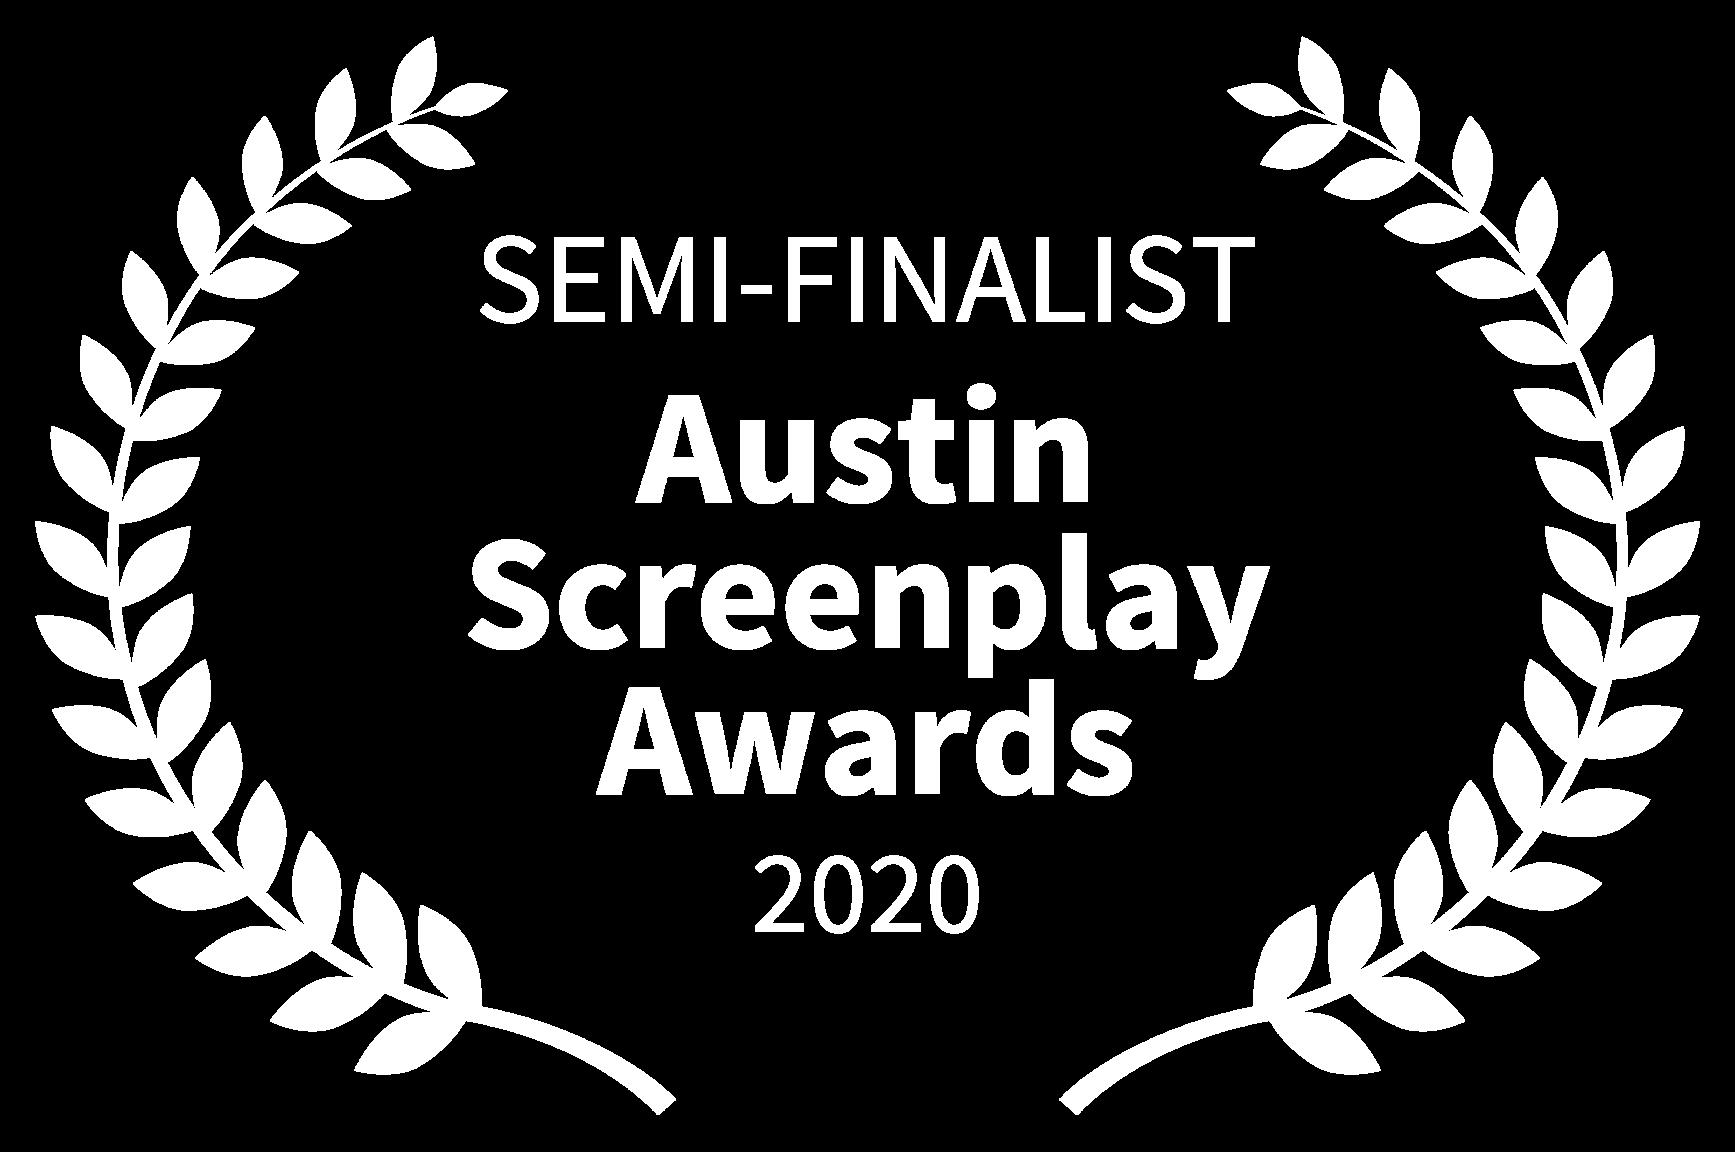 SEMI-FINALIST - Austin Screenplay Awards - 2020